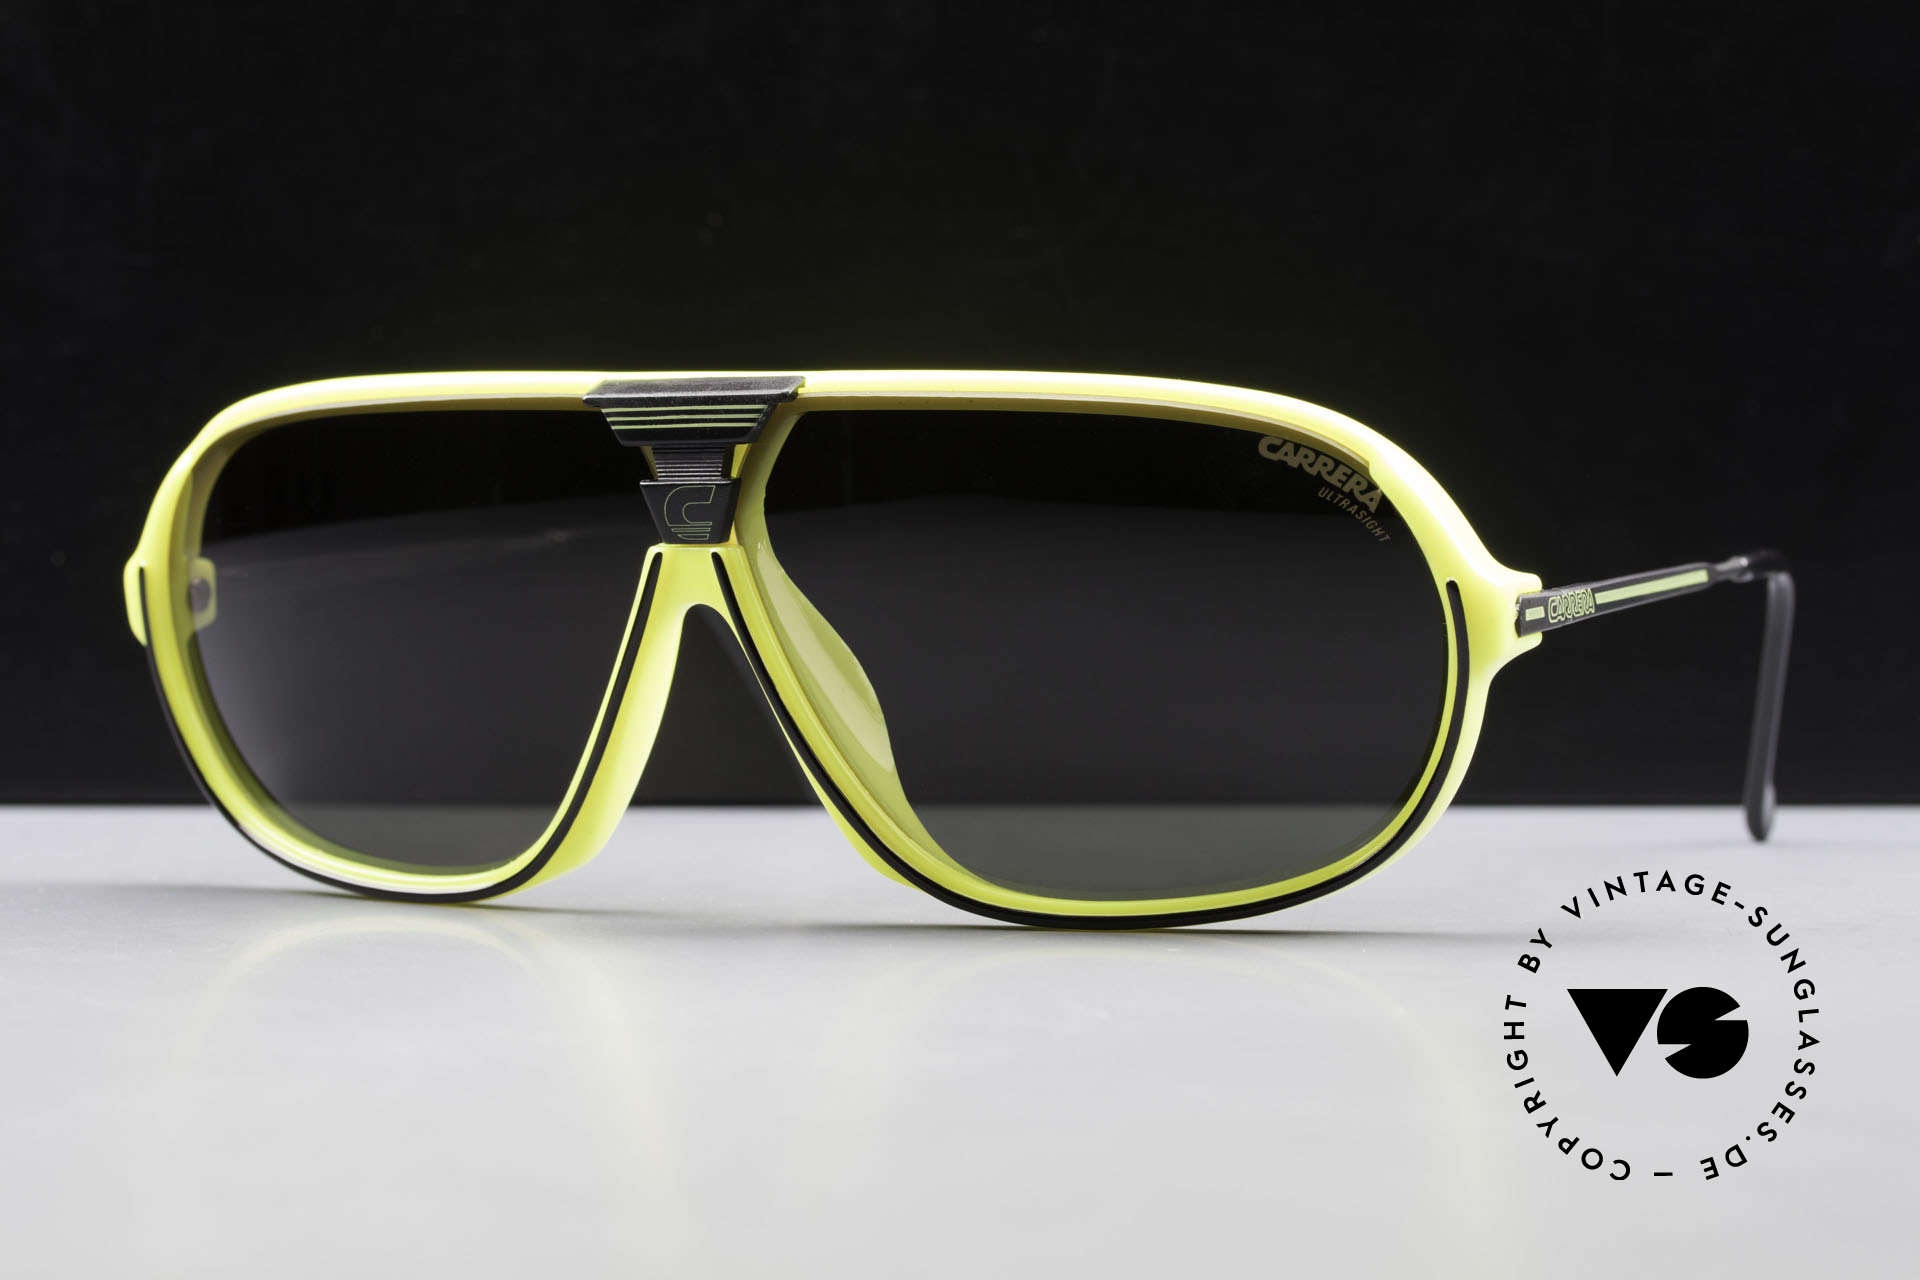 Carrera 5416 80's Sonnenbrille Polarisierend, mit Carrera Wechselgläsern & original Carrera Etui, Passend für Herren